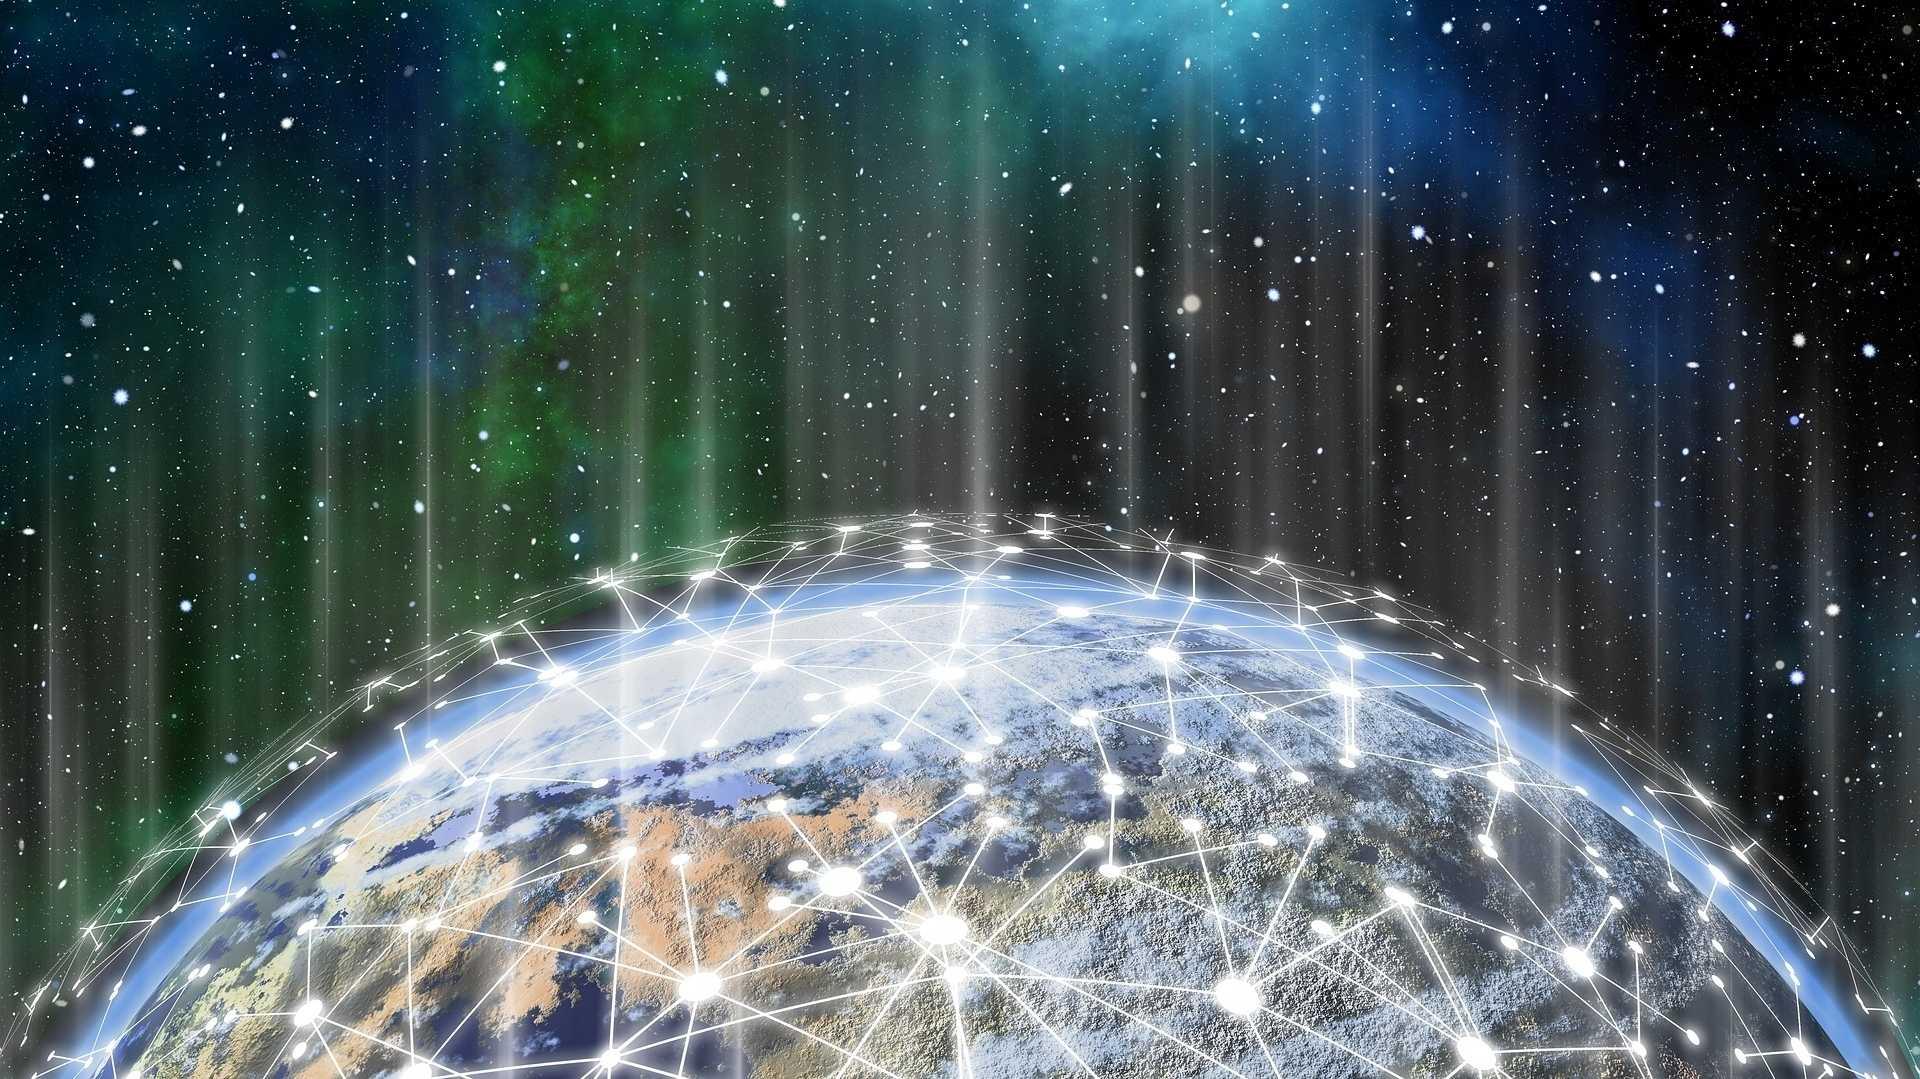 Regierungskommission soll wettbewerbsfähige Datenwirtschaft fördern